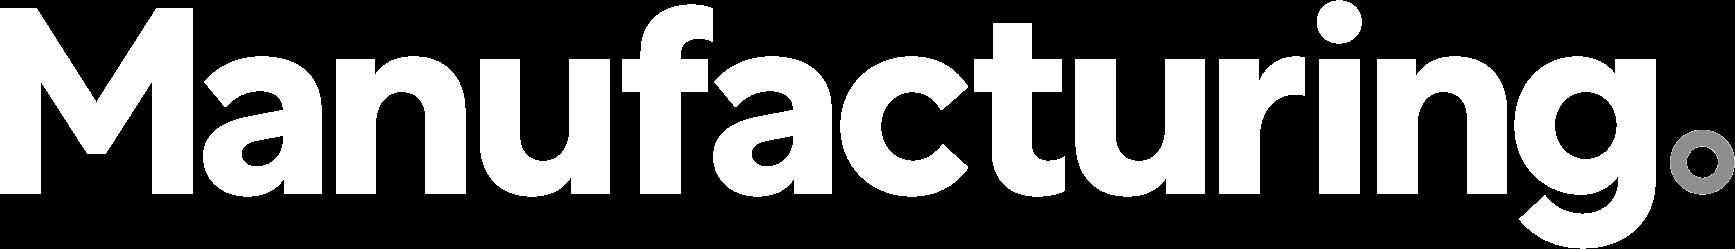 manufacturing-global-logo